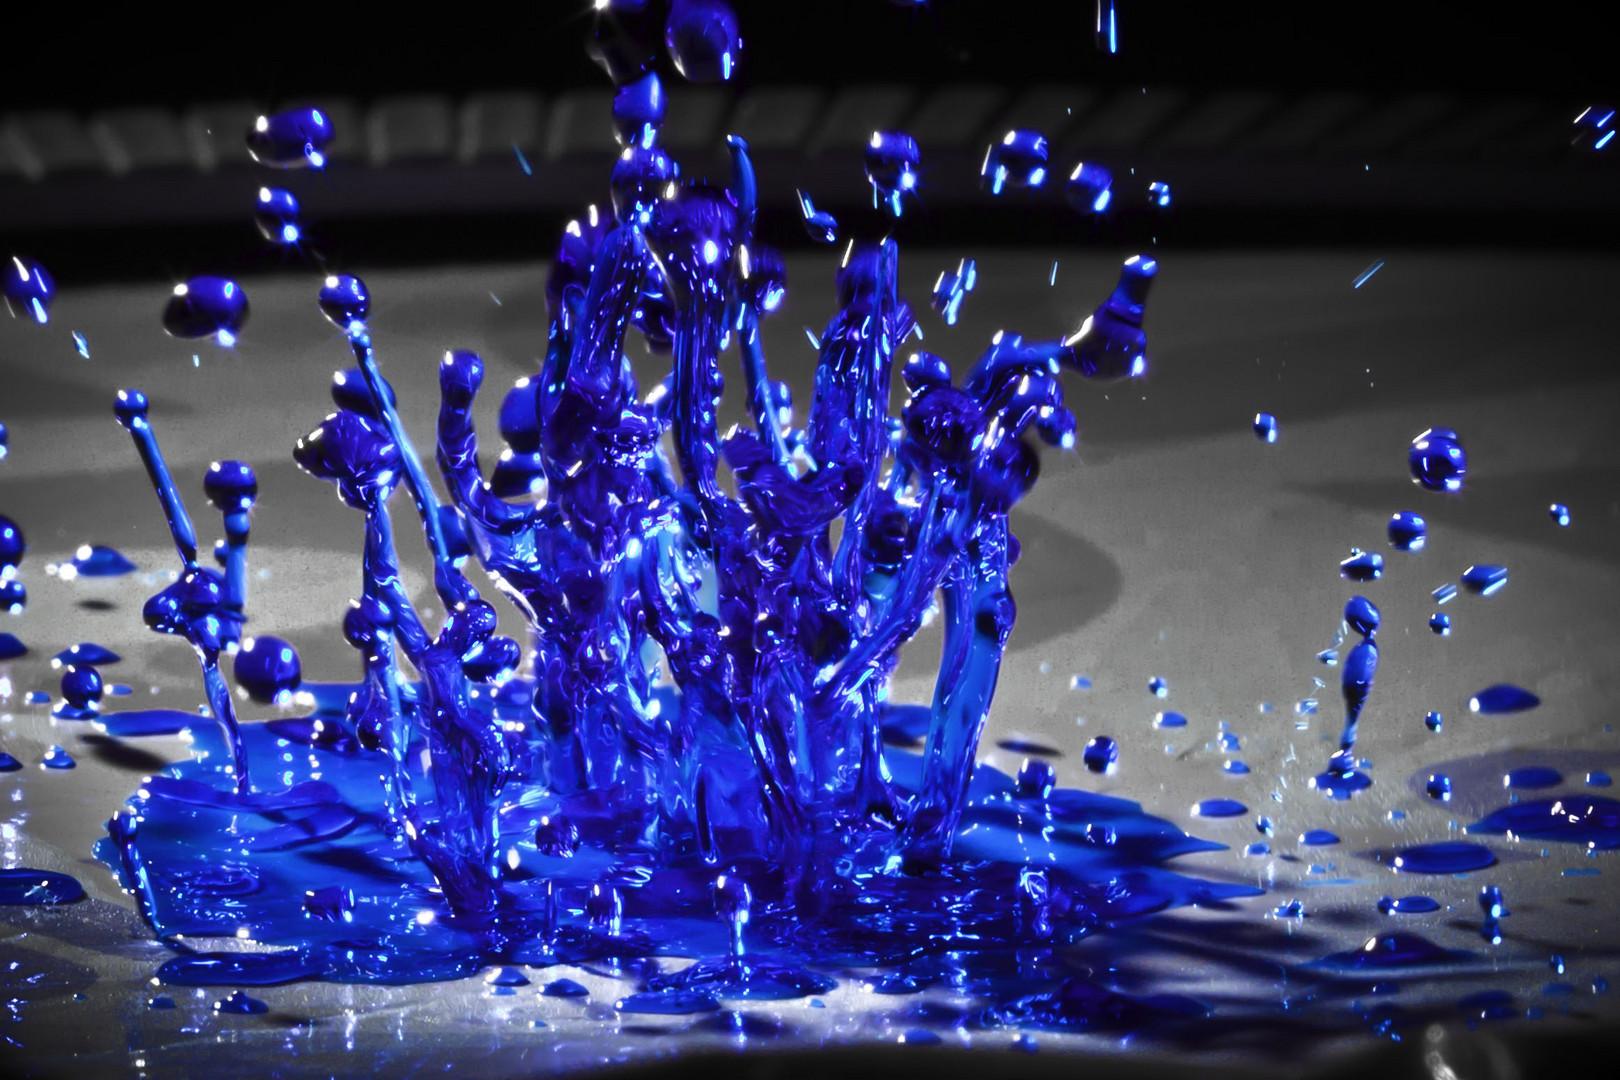 Bluedrops